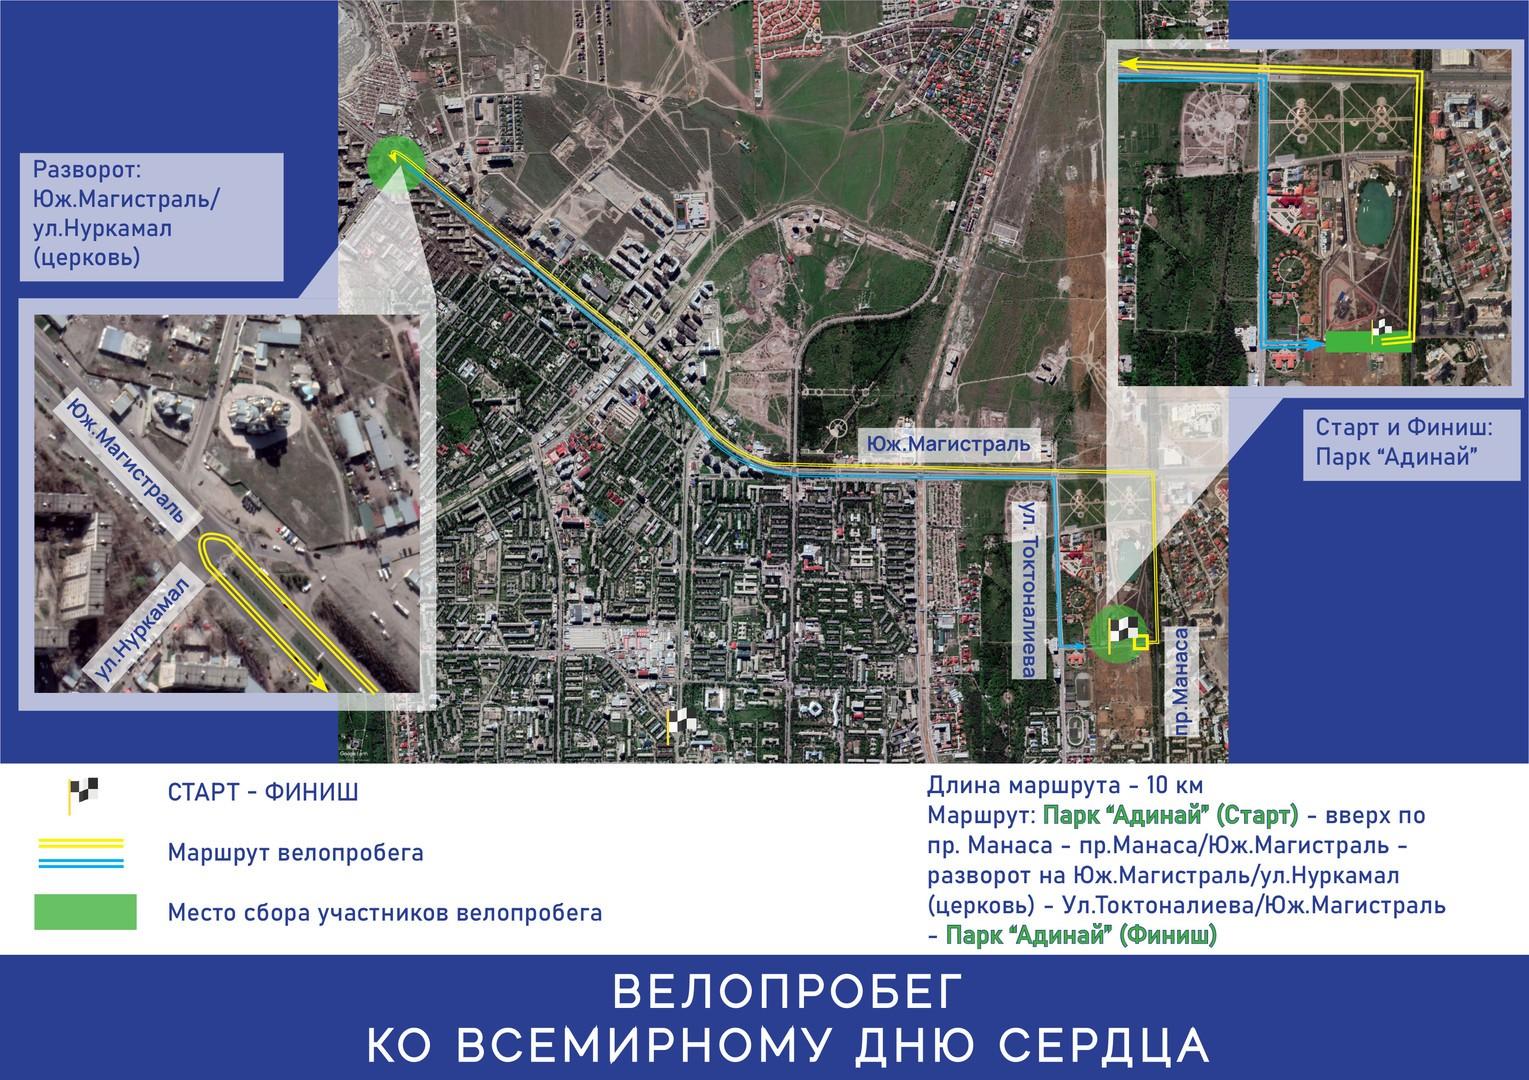 В Бишкеке 27 сентября пройдет велопробег, фото-1